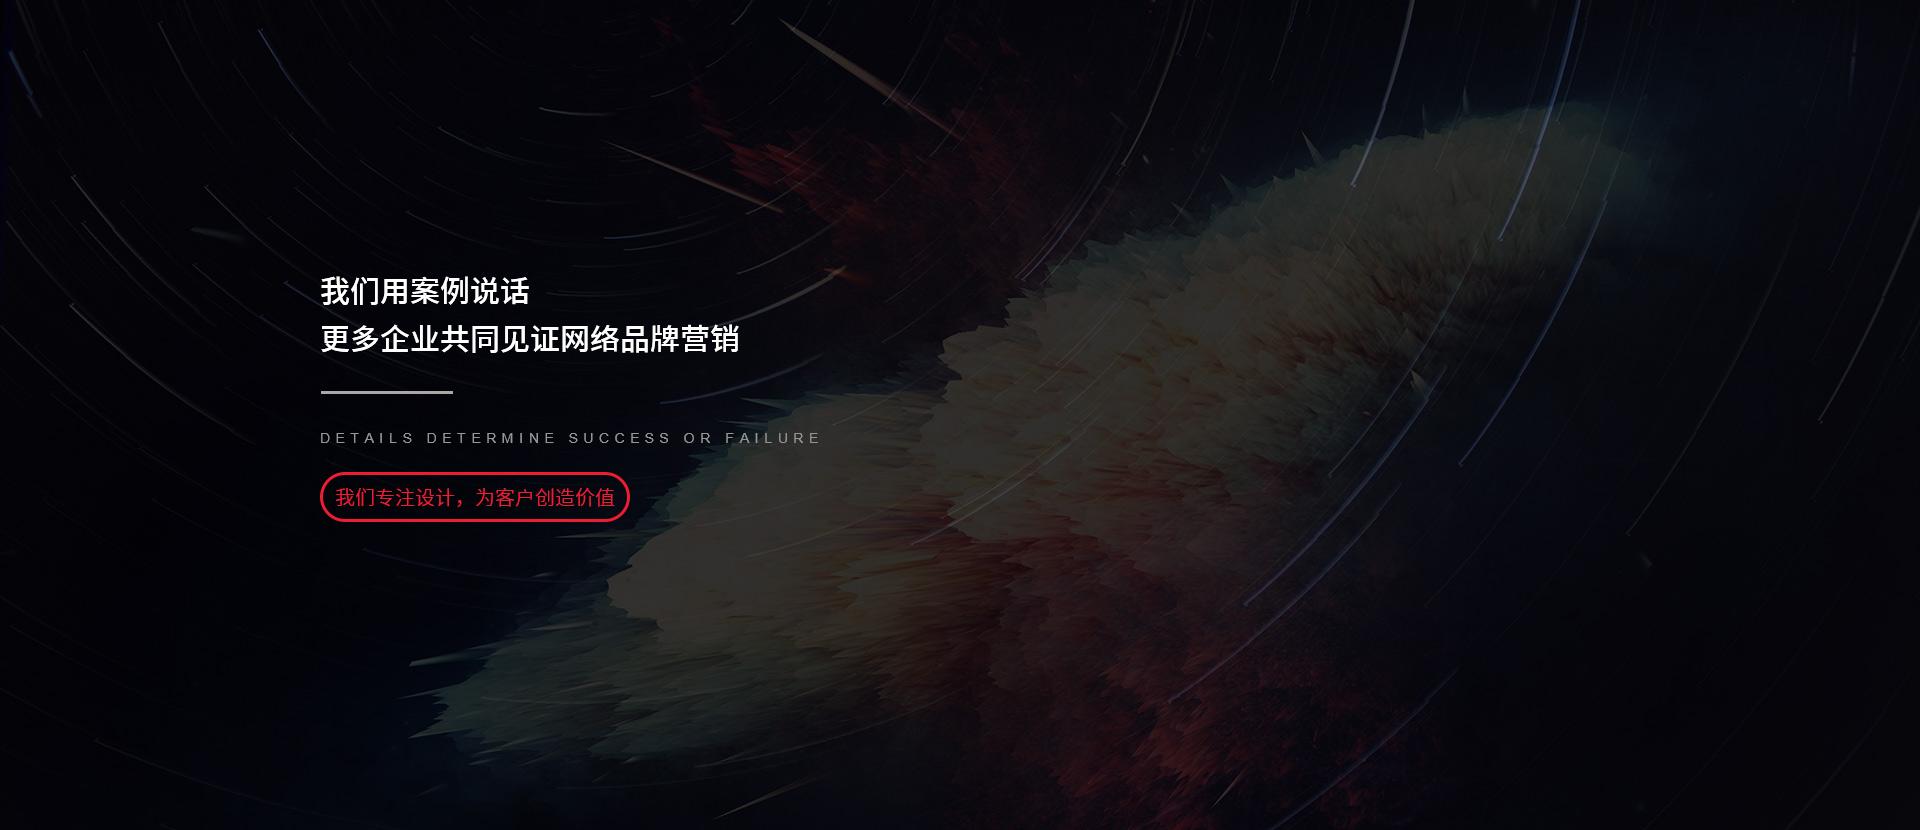 银川搜索引擎推广公司